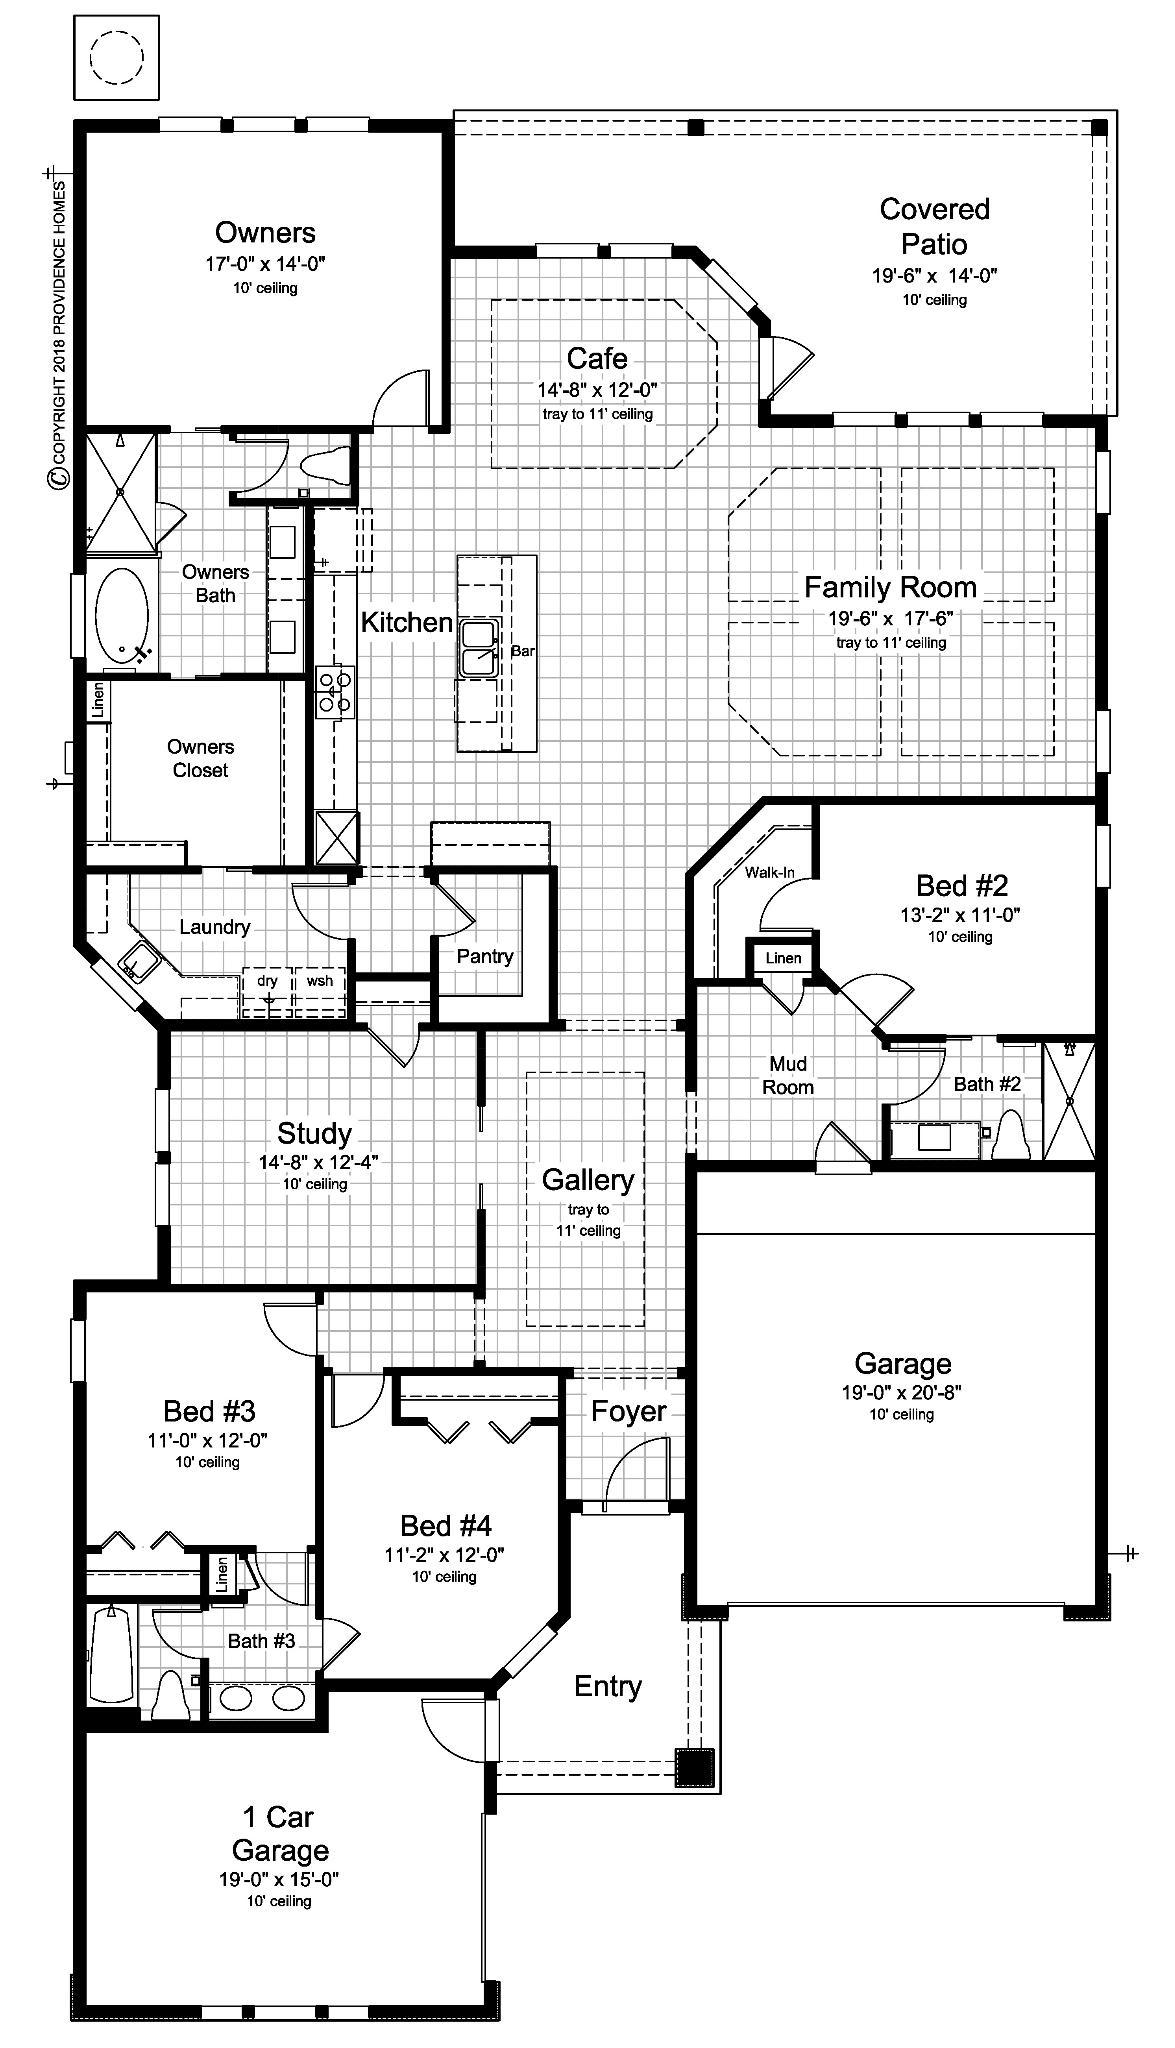 TR022 Floorplan